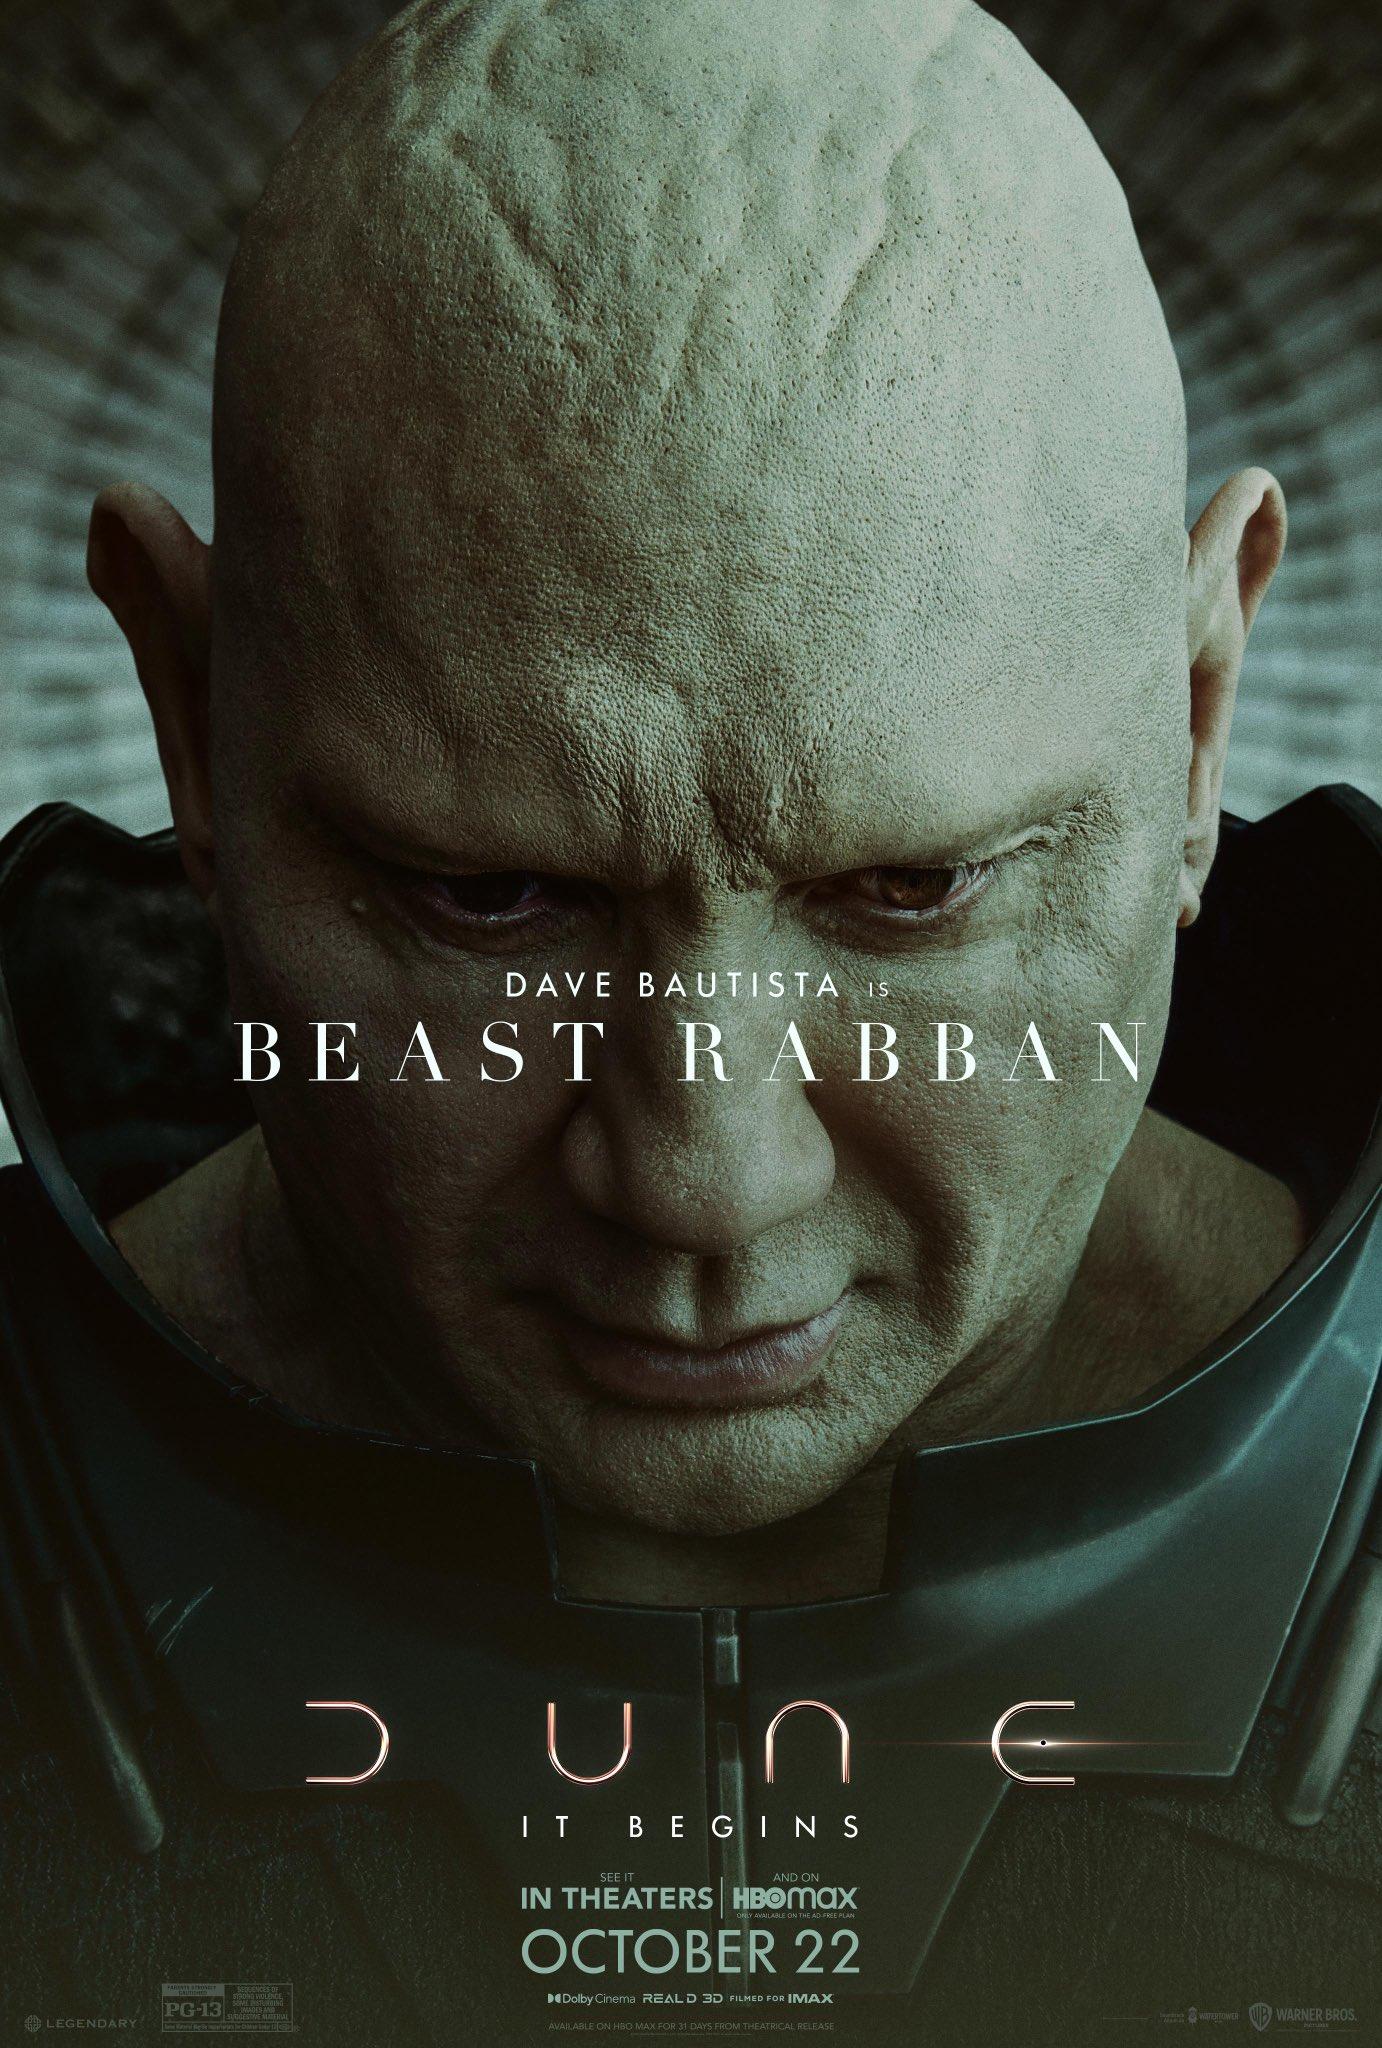 Dune Film Trailer & Poster 8